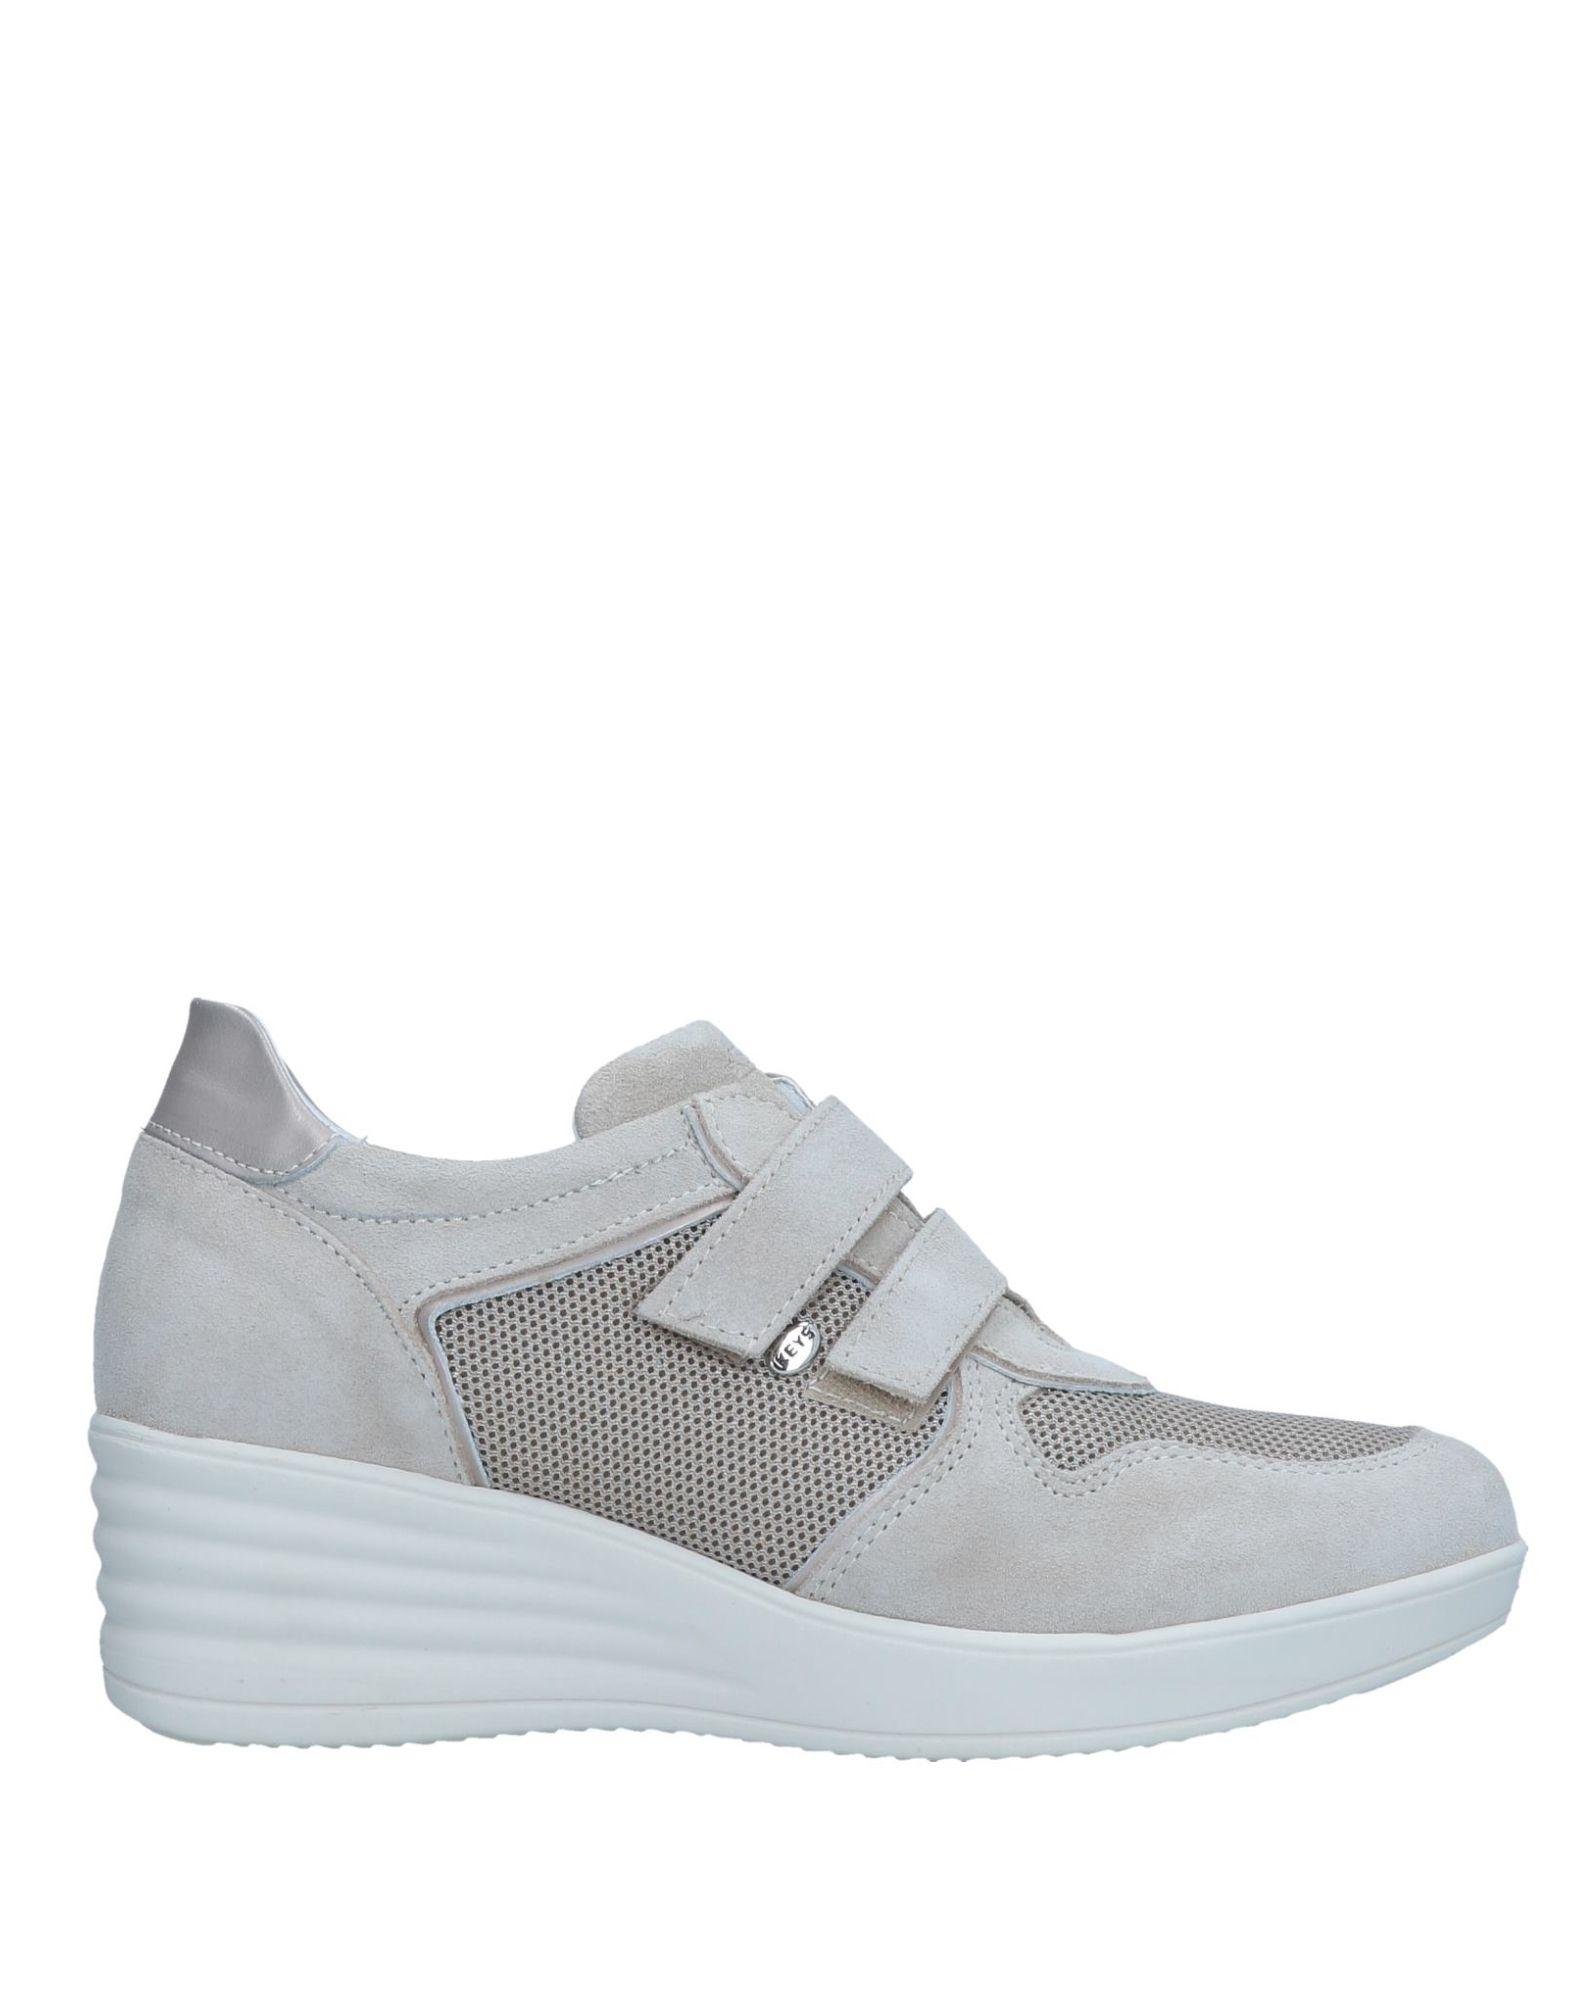 Sneakers Keys Donna - 11549148KX Scarpe economiche e buone